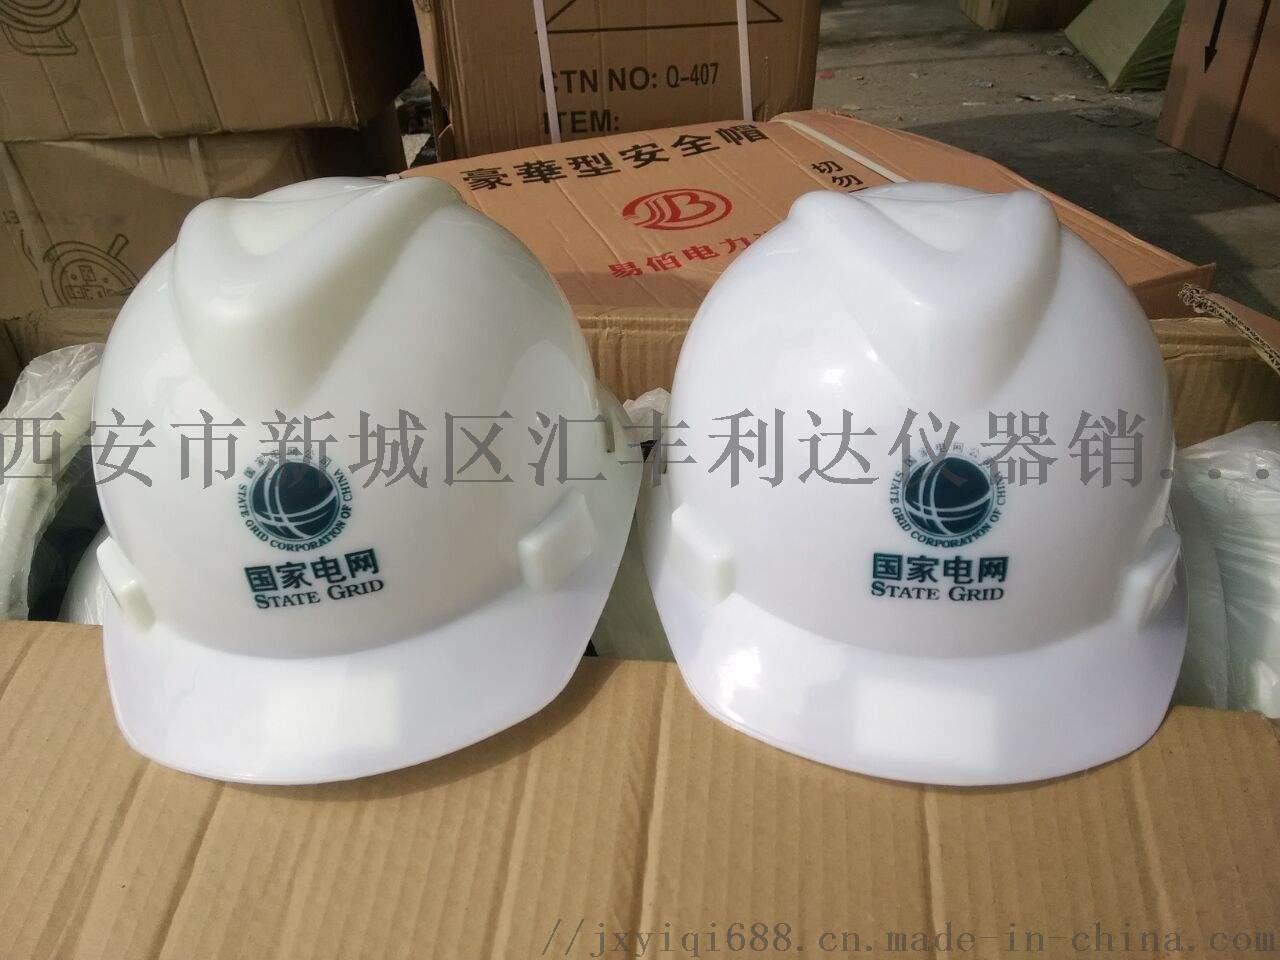 咸阳哪里有卖安全帽1882177052169066052